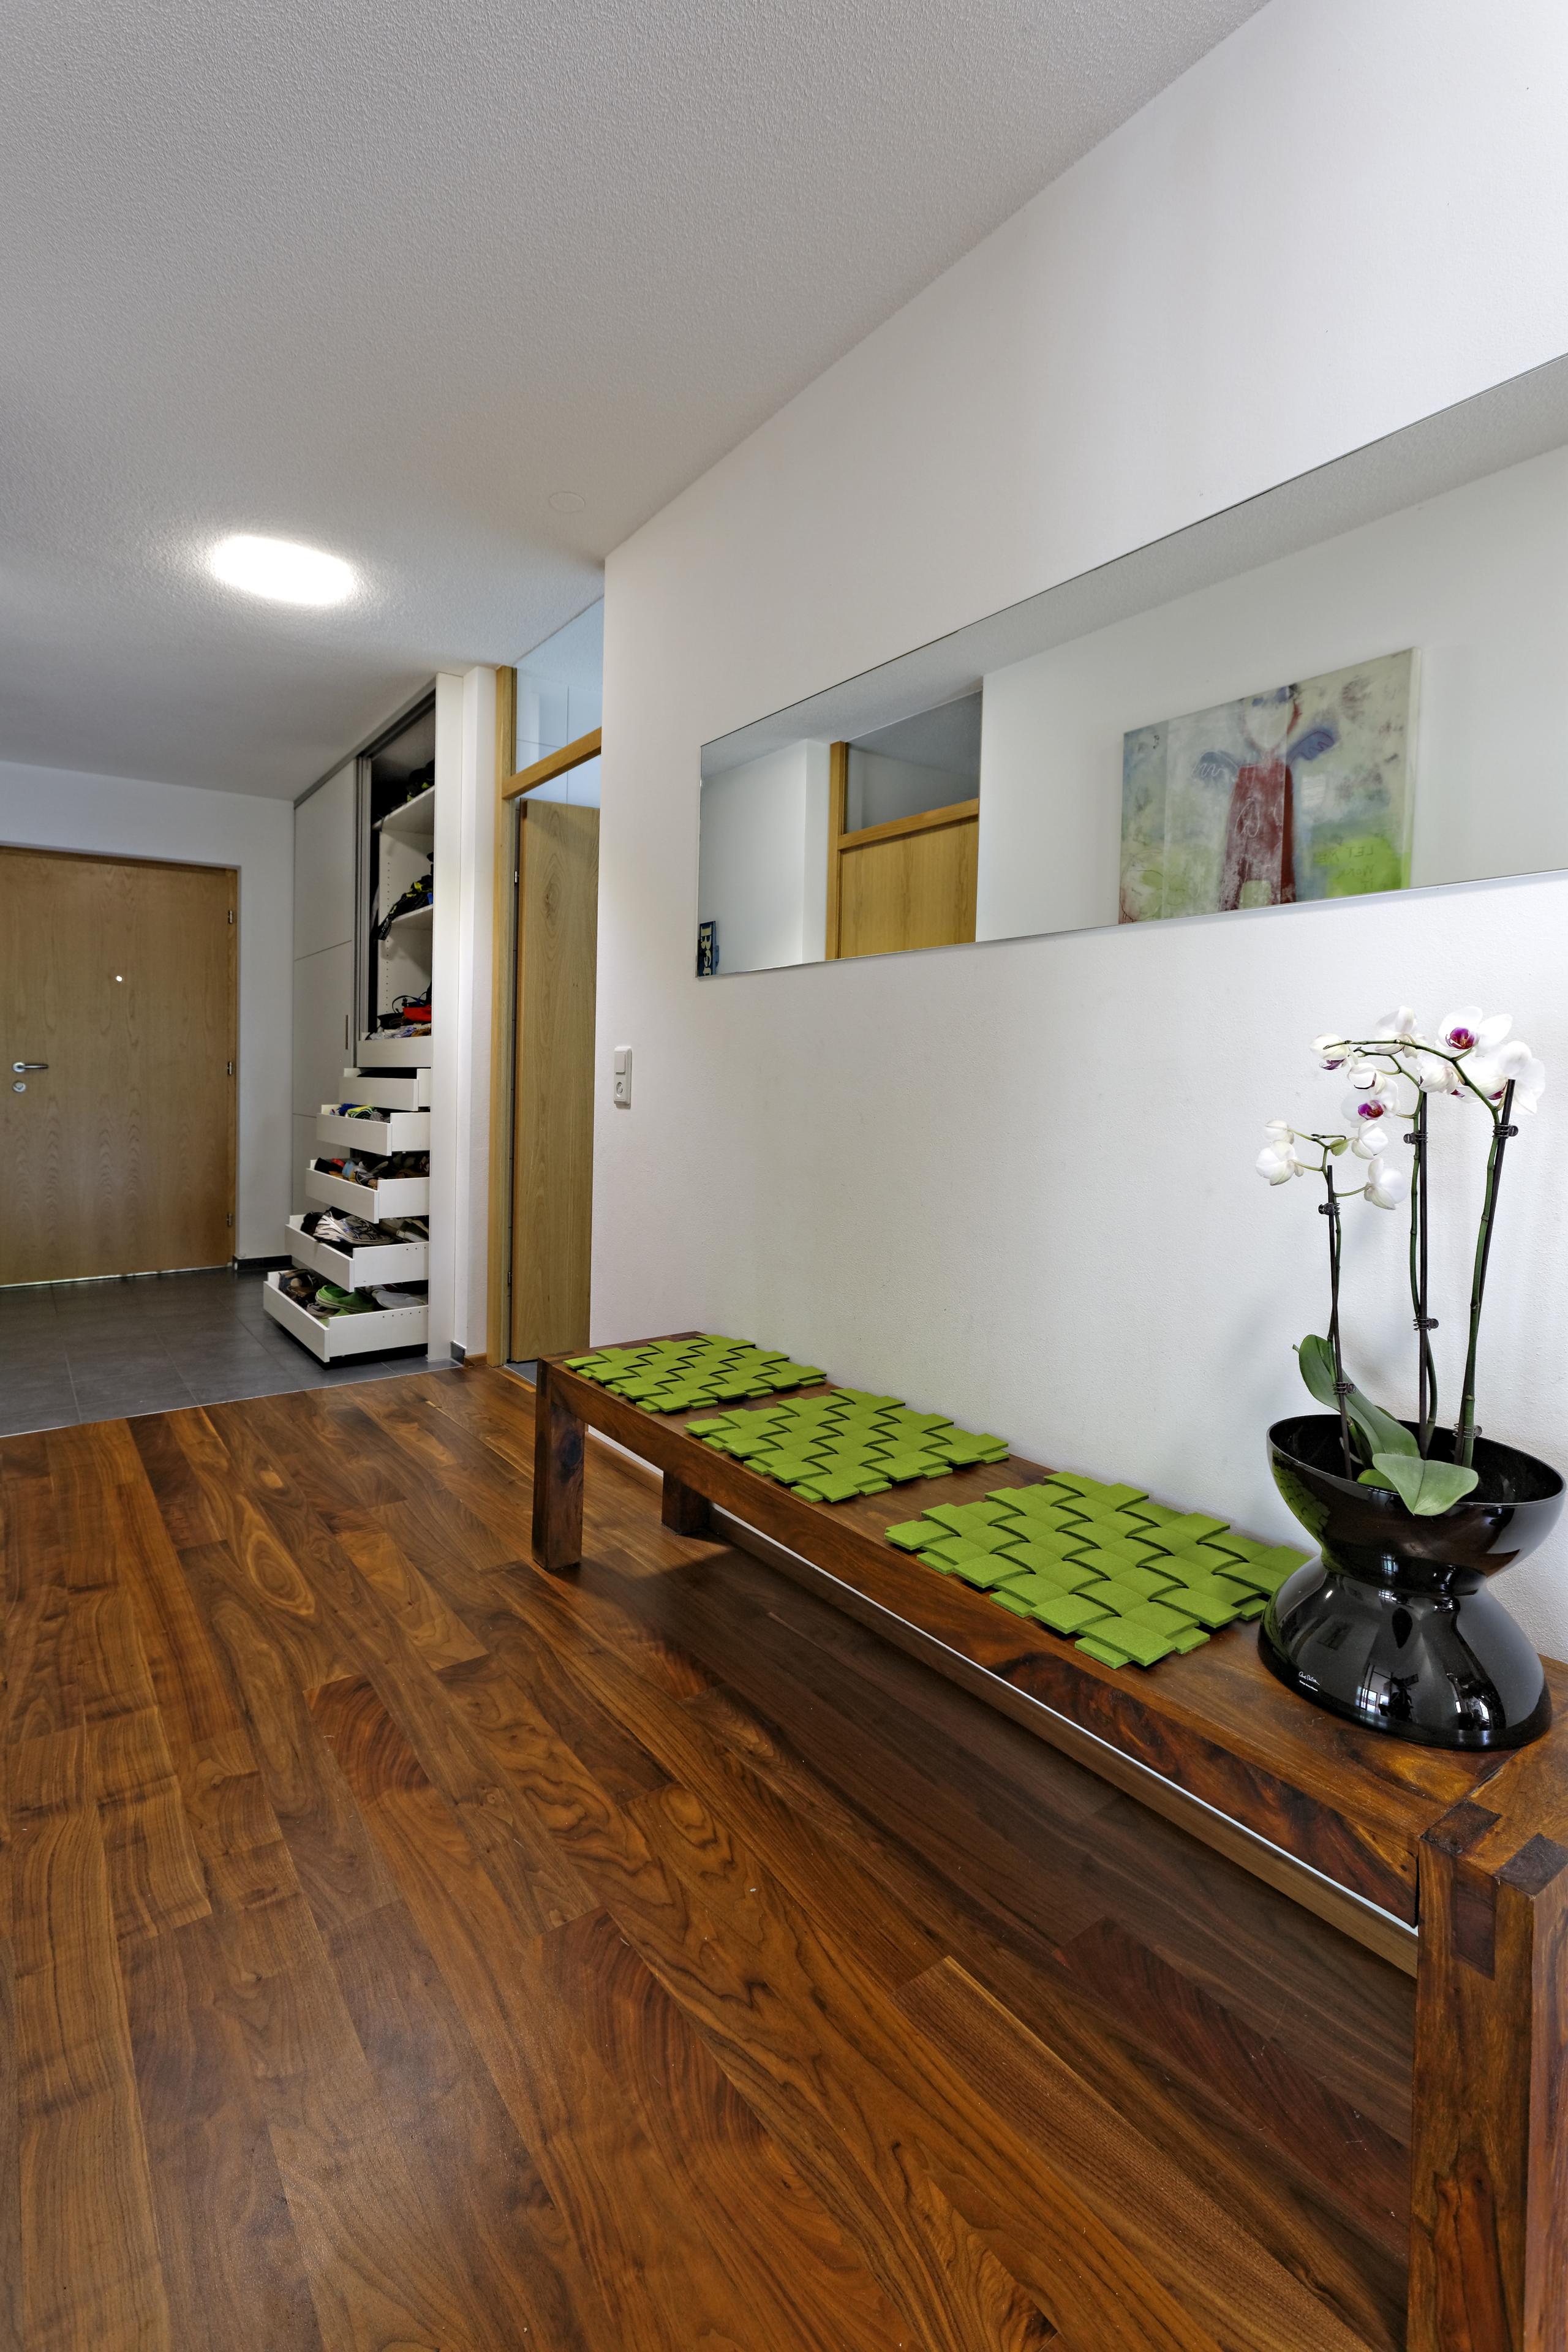 garderoben und haushaltsschrank im flur auf zu. Black Bedroom Furniture Sets. Home Design Ideas